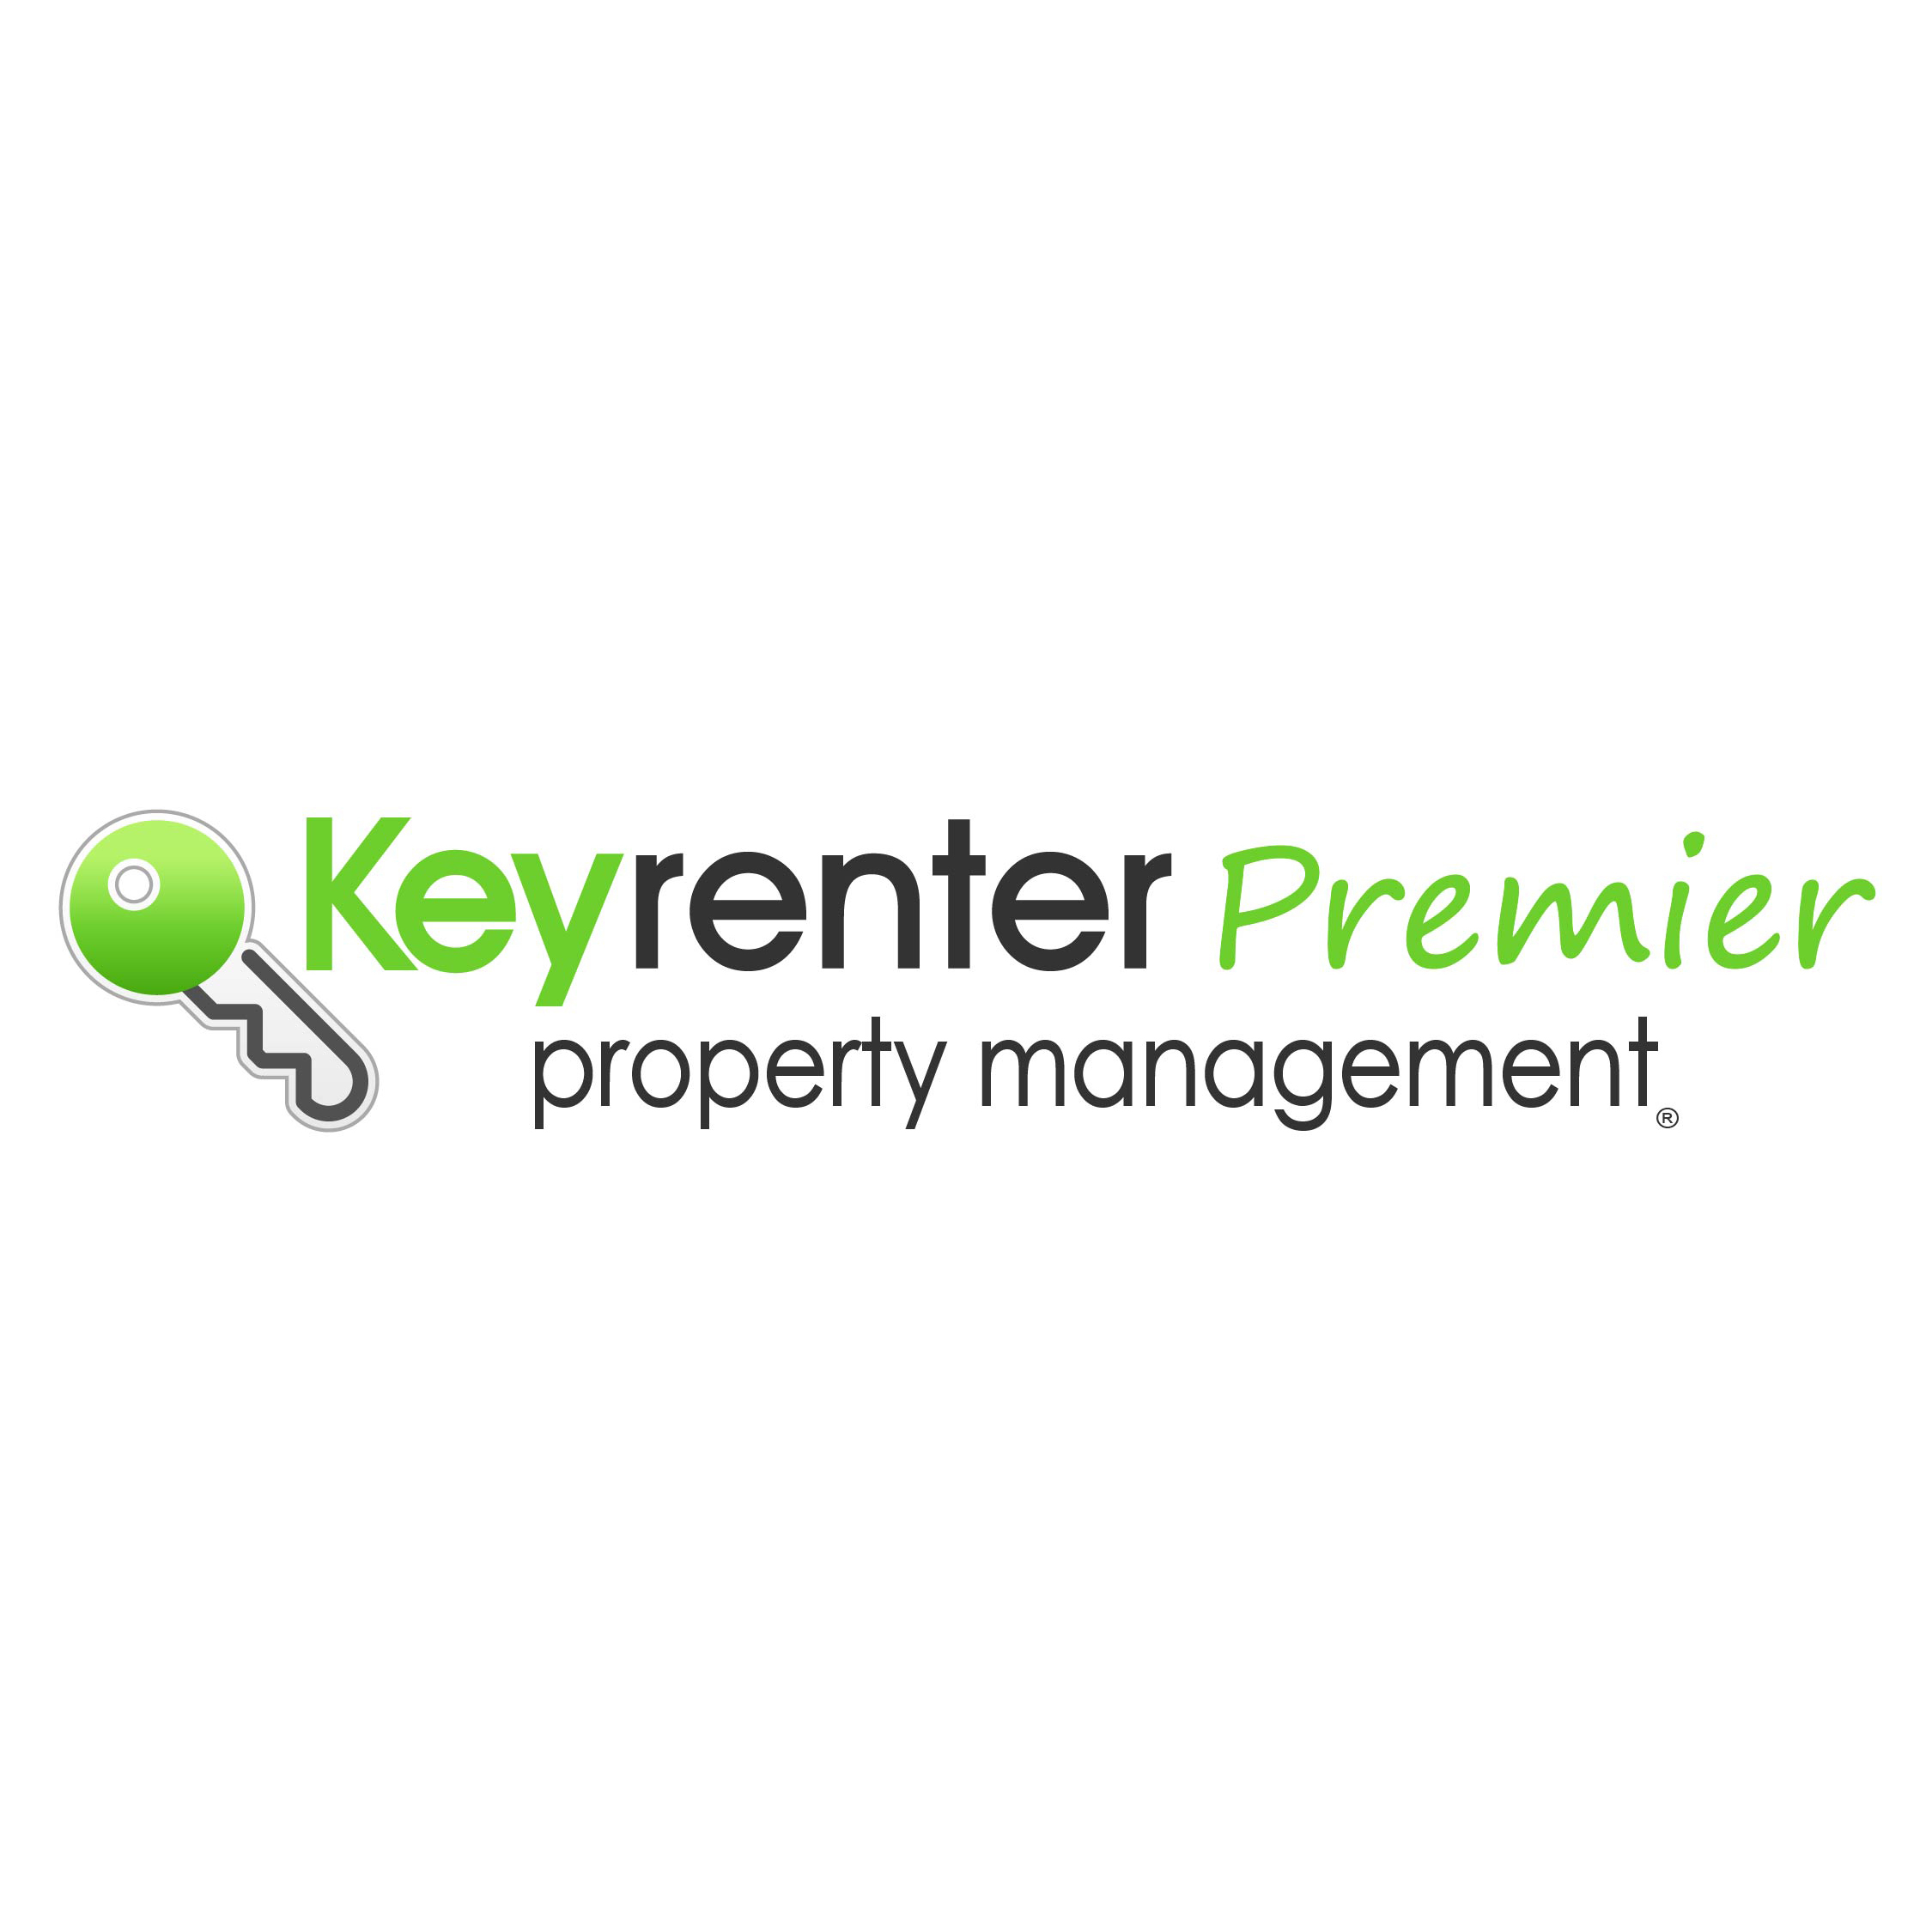 Keyrenter Premier Property Management image 3